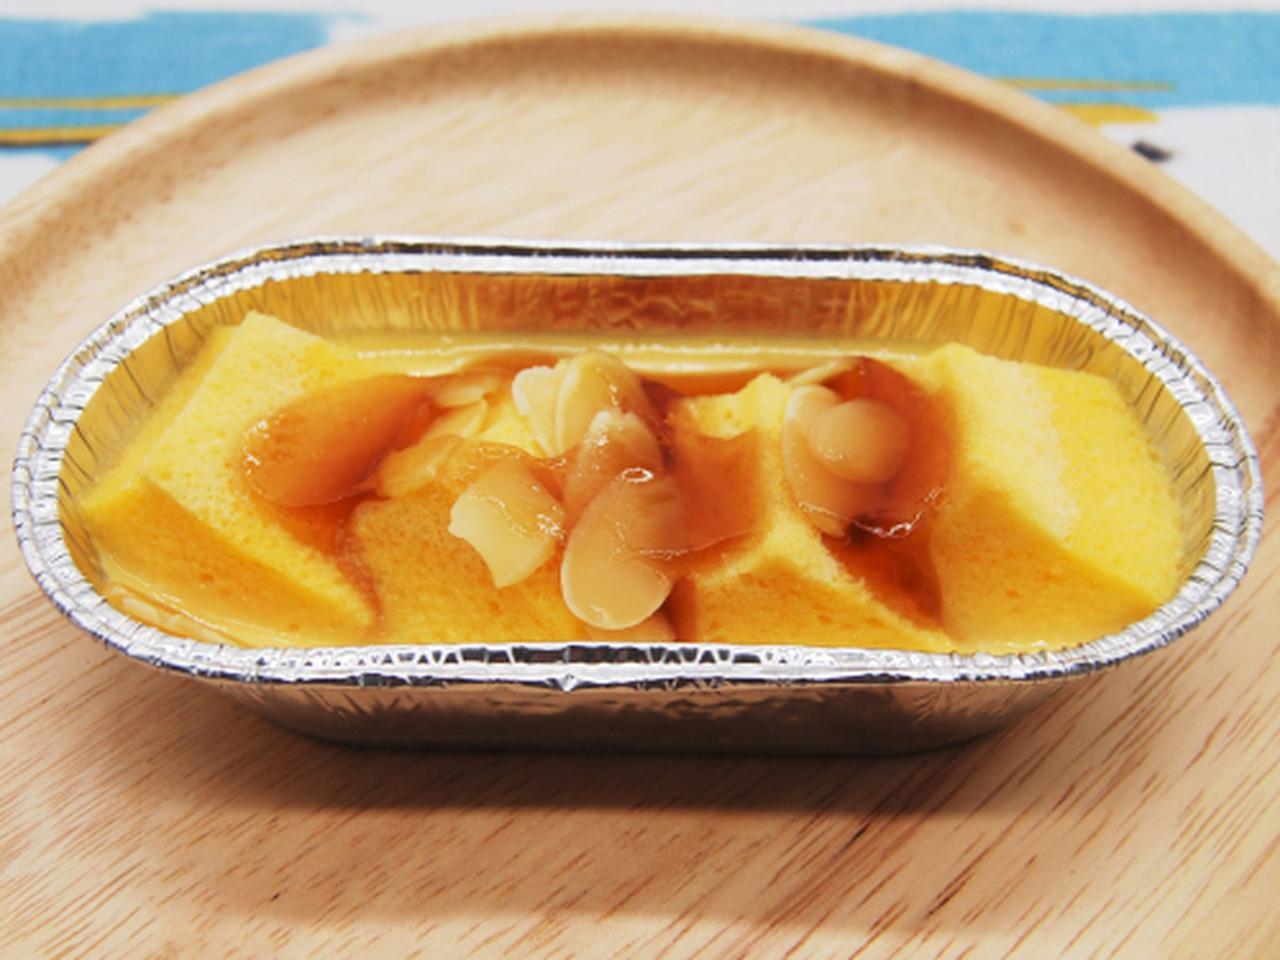 画像2: プリンにスポンジを浸した甘~い味が絶品!